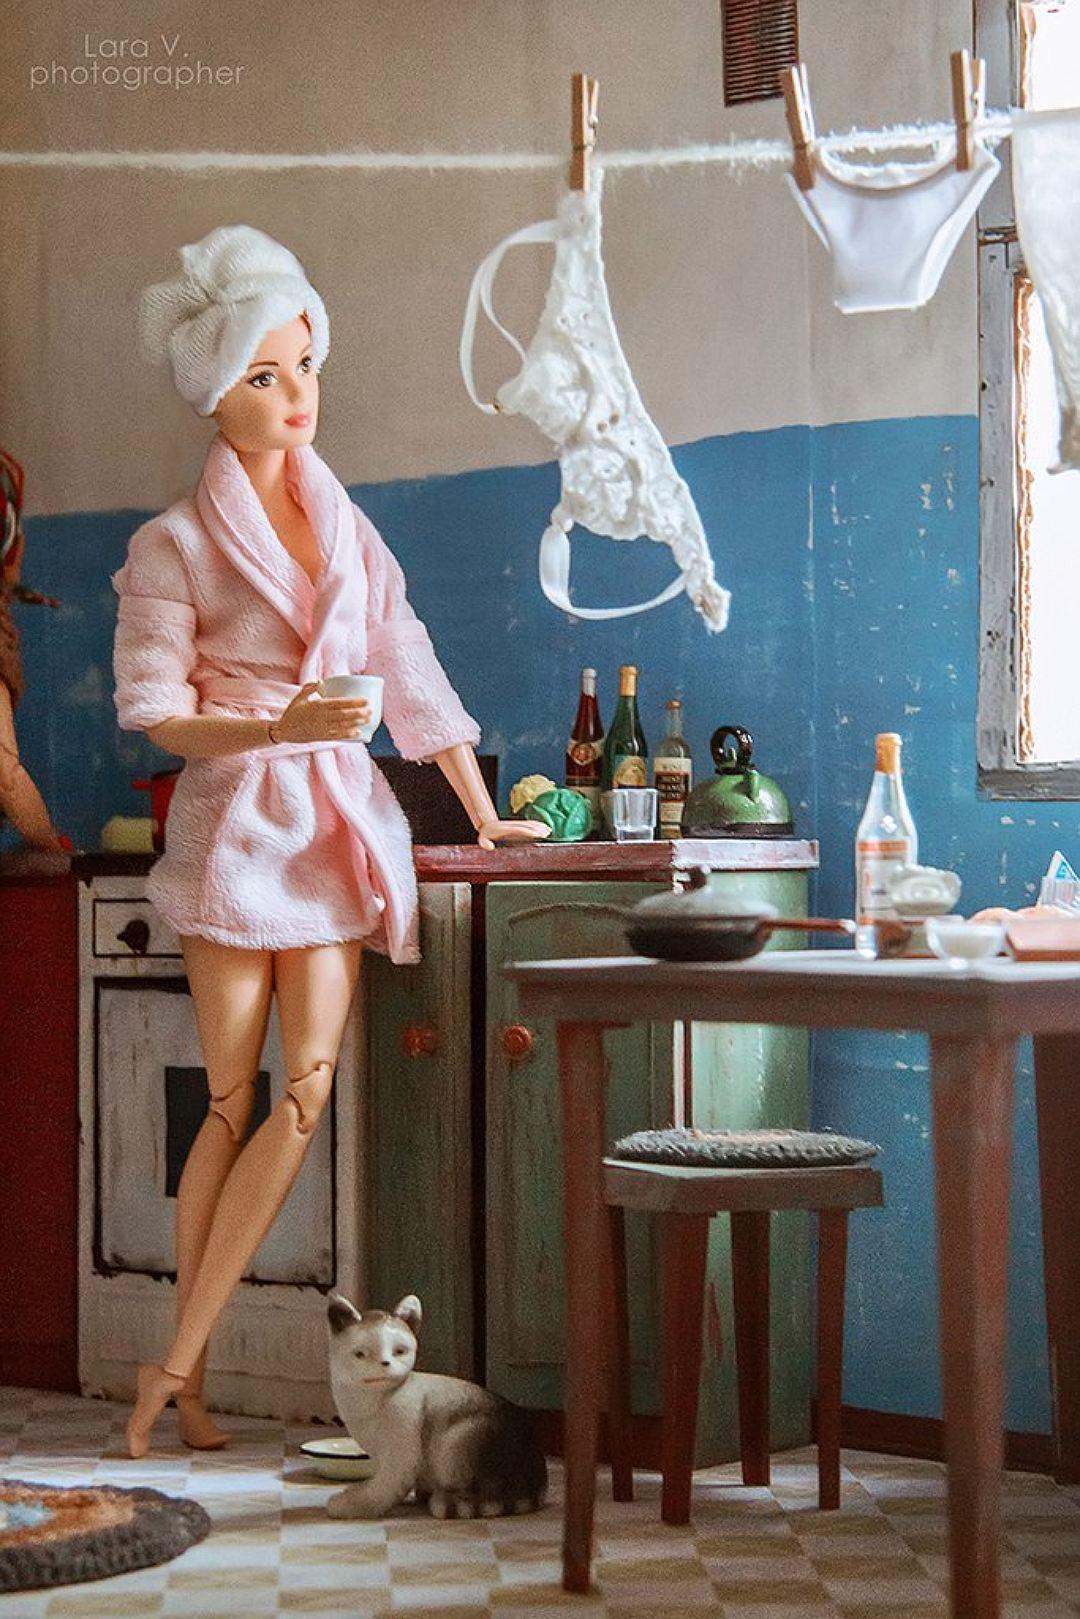 Барби и Кен в советской коммуналке (10 фото)